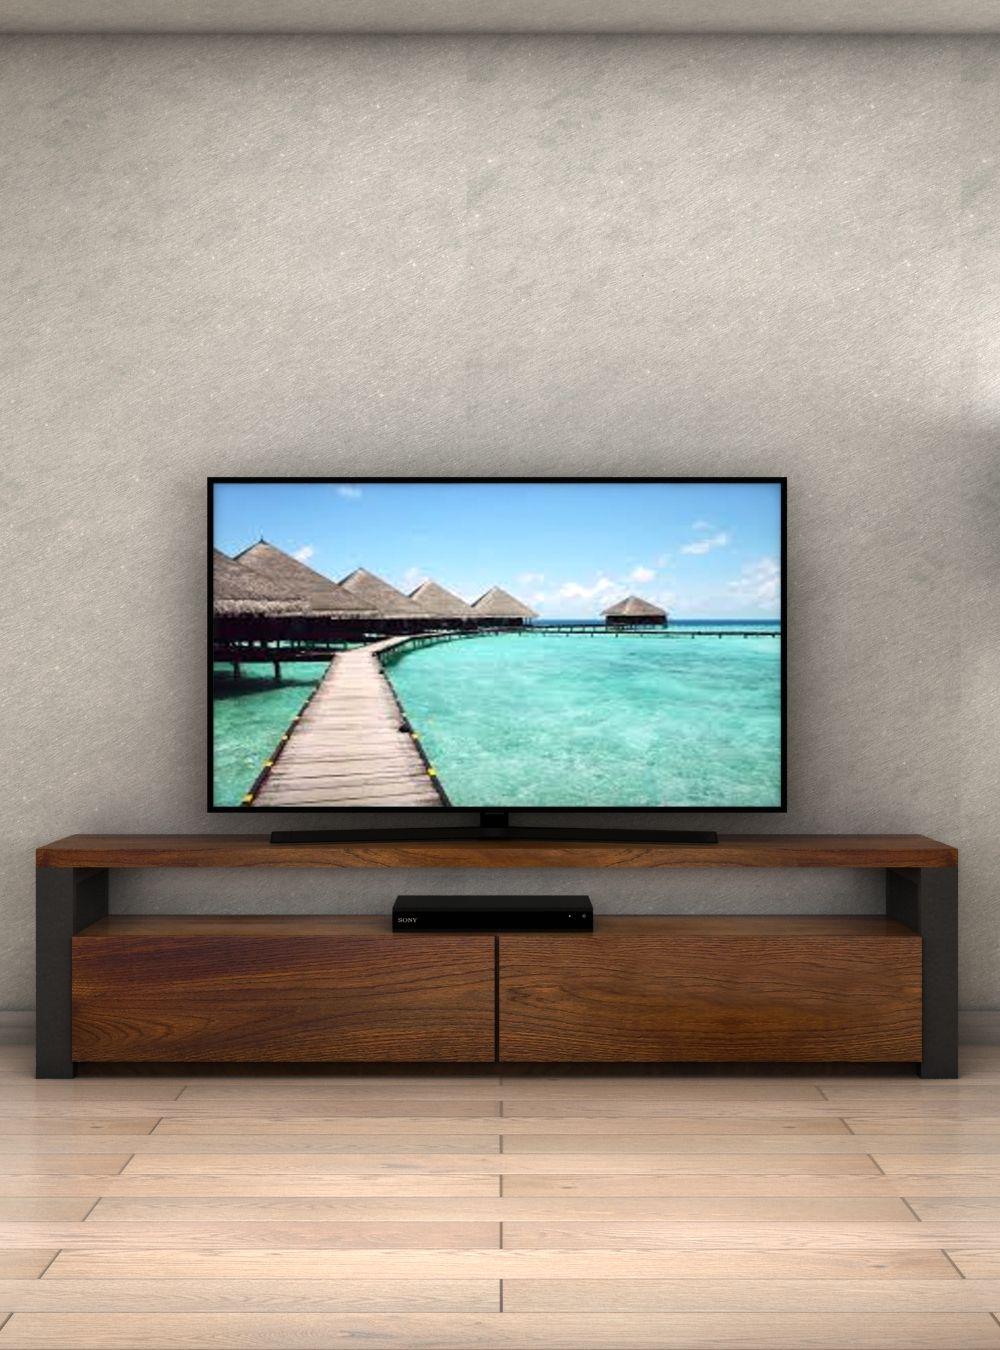 Mobili Porta Tv Stile Industriale.Porta Tv In Legno Di Noce E Ferro Stile Industriale Mobiletv